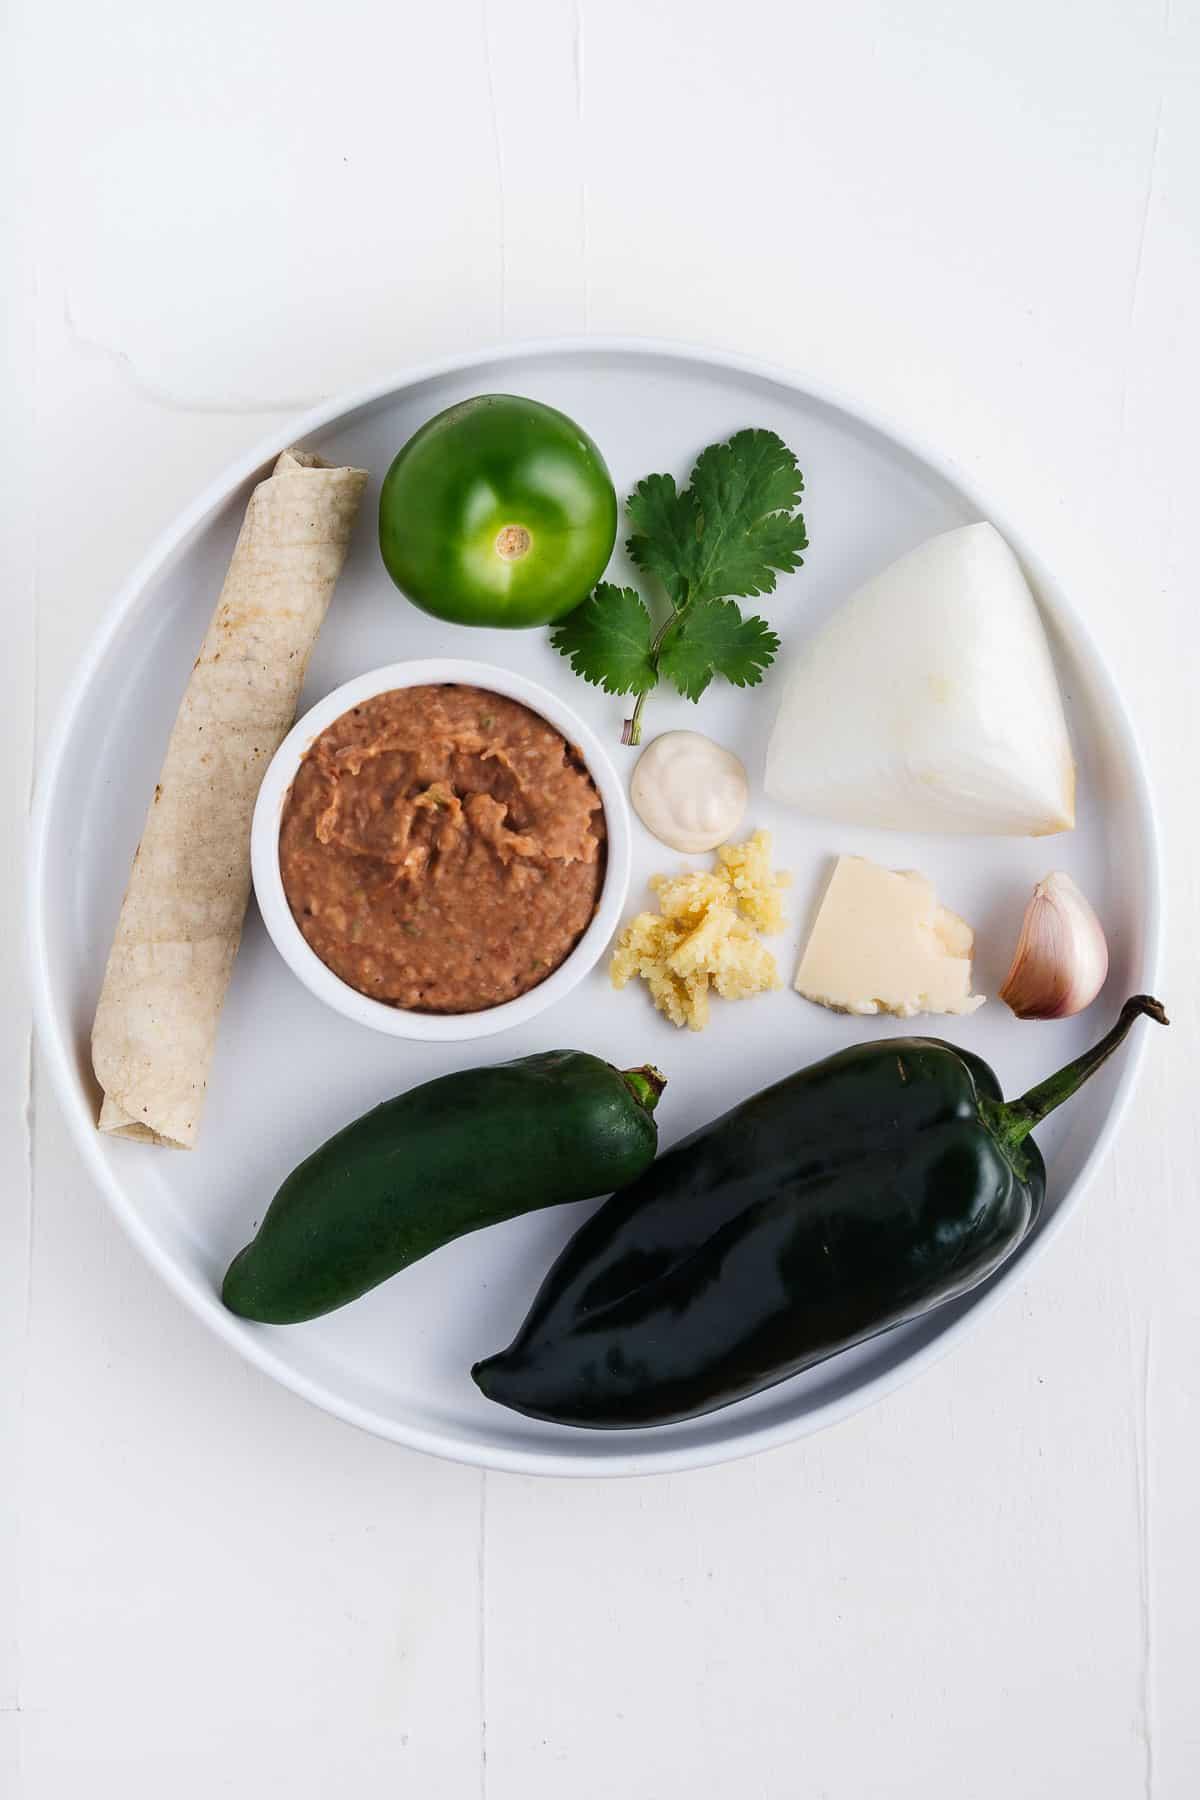 Green Chiles, Refried Beans, Tortilla, Tomatillo, Cilantro, Onion, Garlic, Vegan Cheese, and Mexican Crema